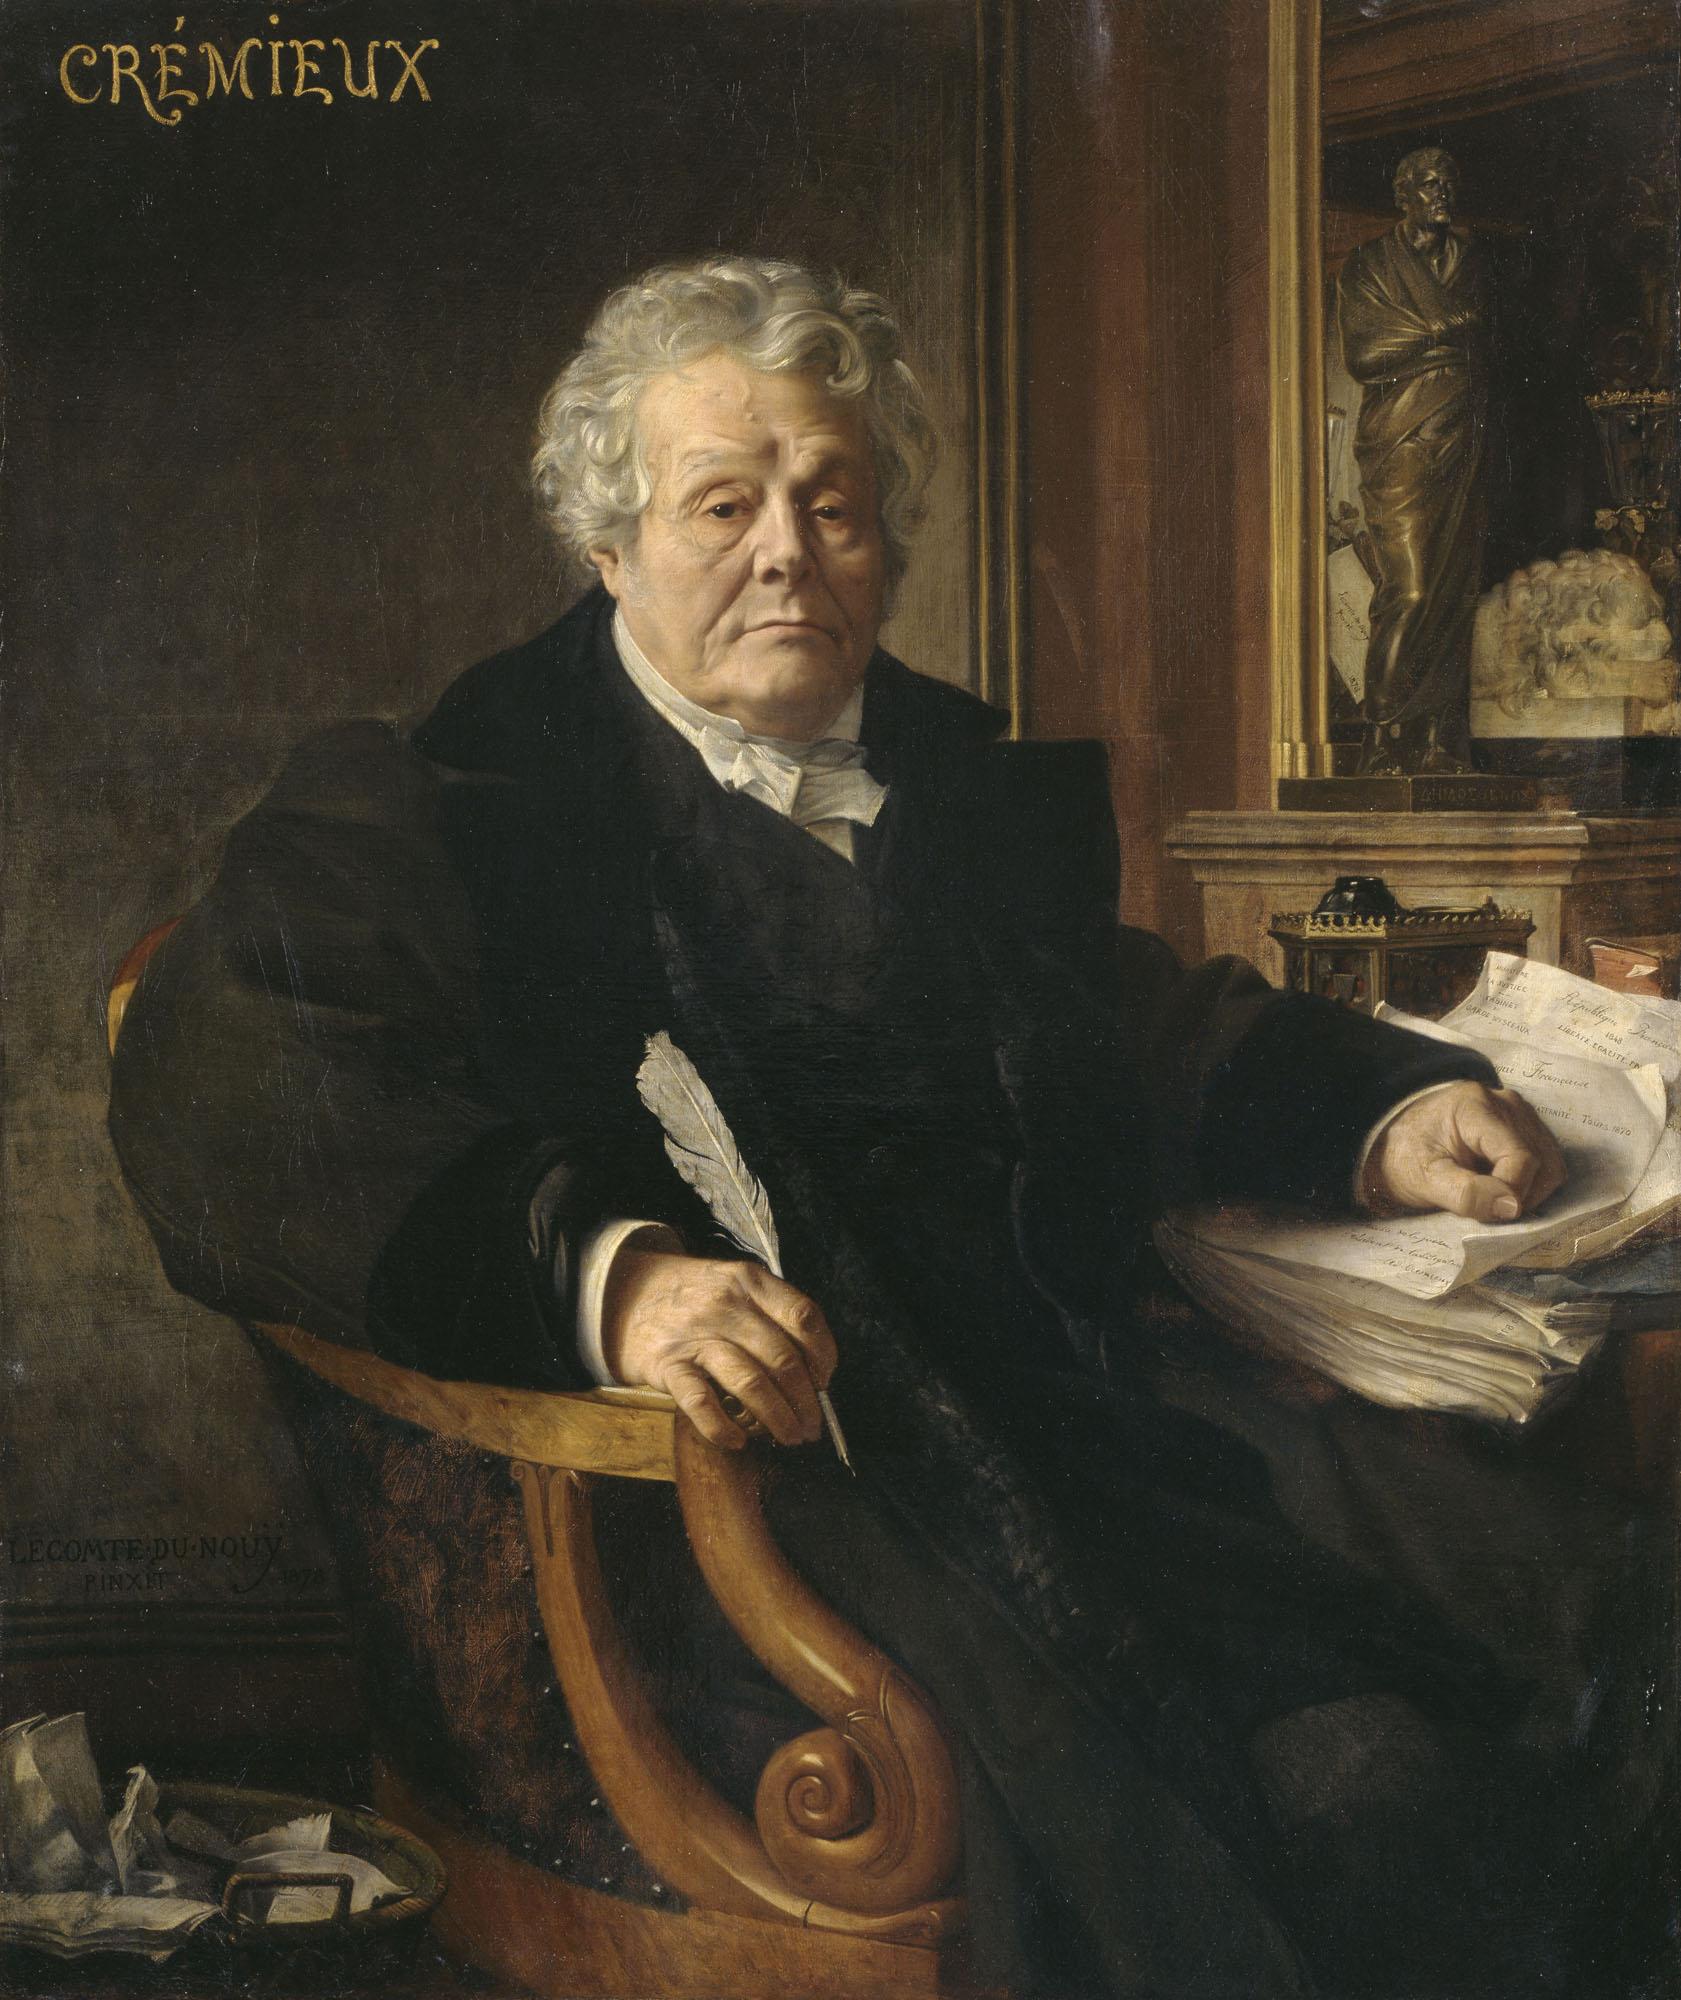 File:Adolphe Crémieux by Lecomte du Nouy.jpg